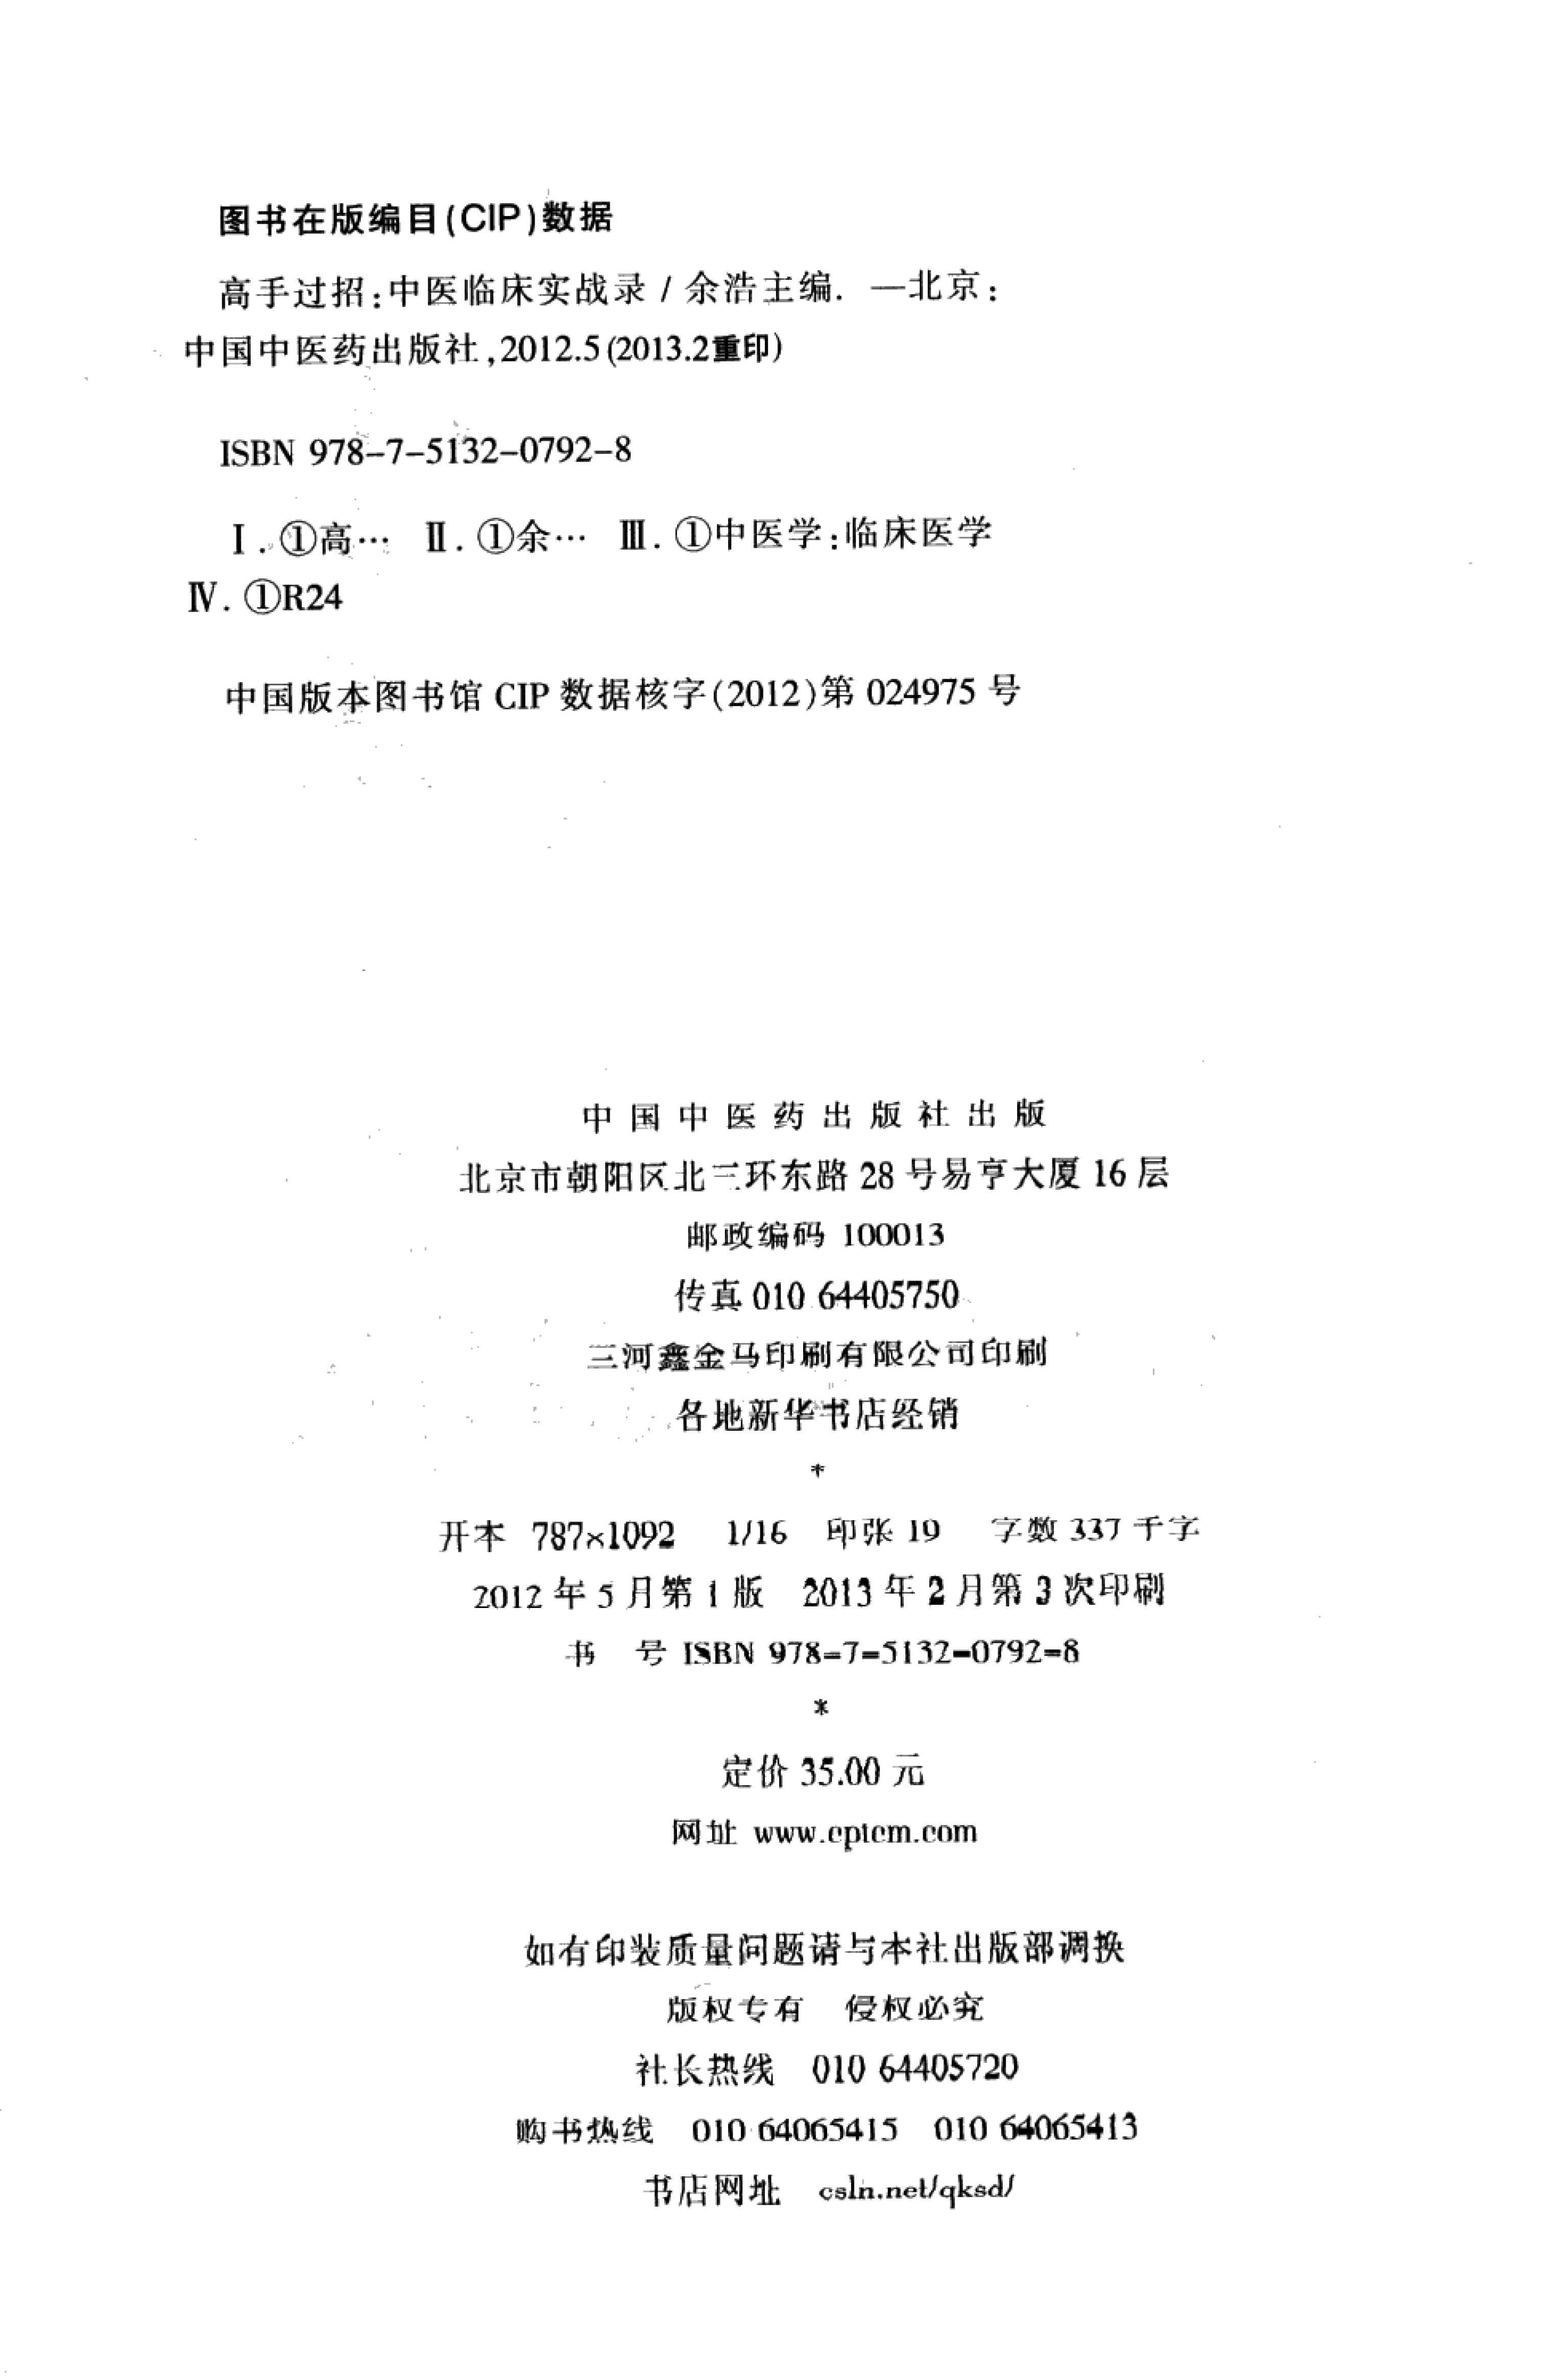 高手过招:中医临床实战录(余浩主编)_13279729_03.jpg